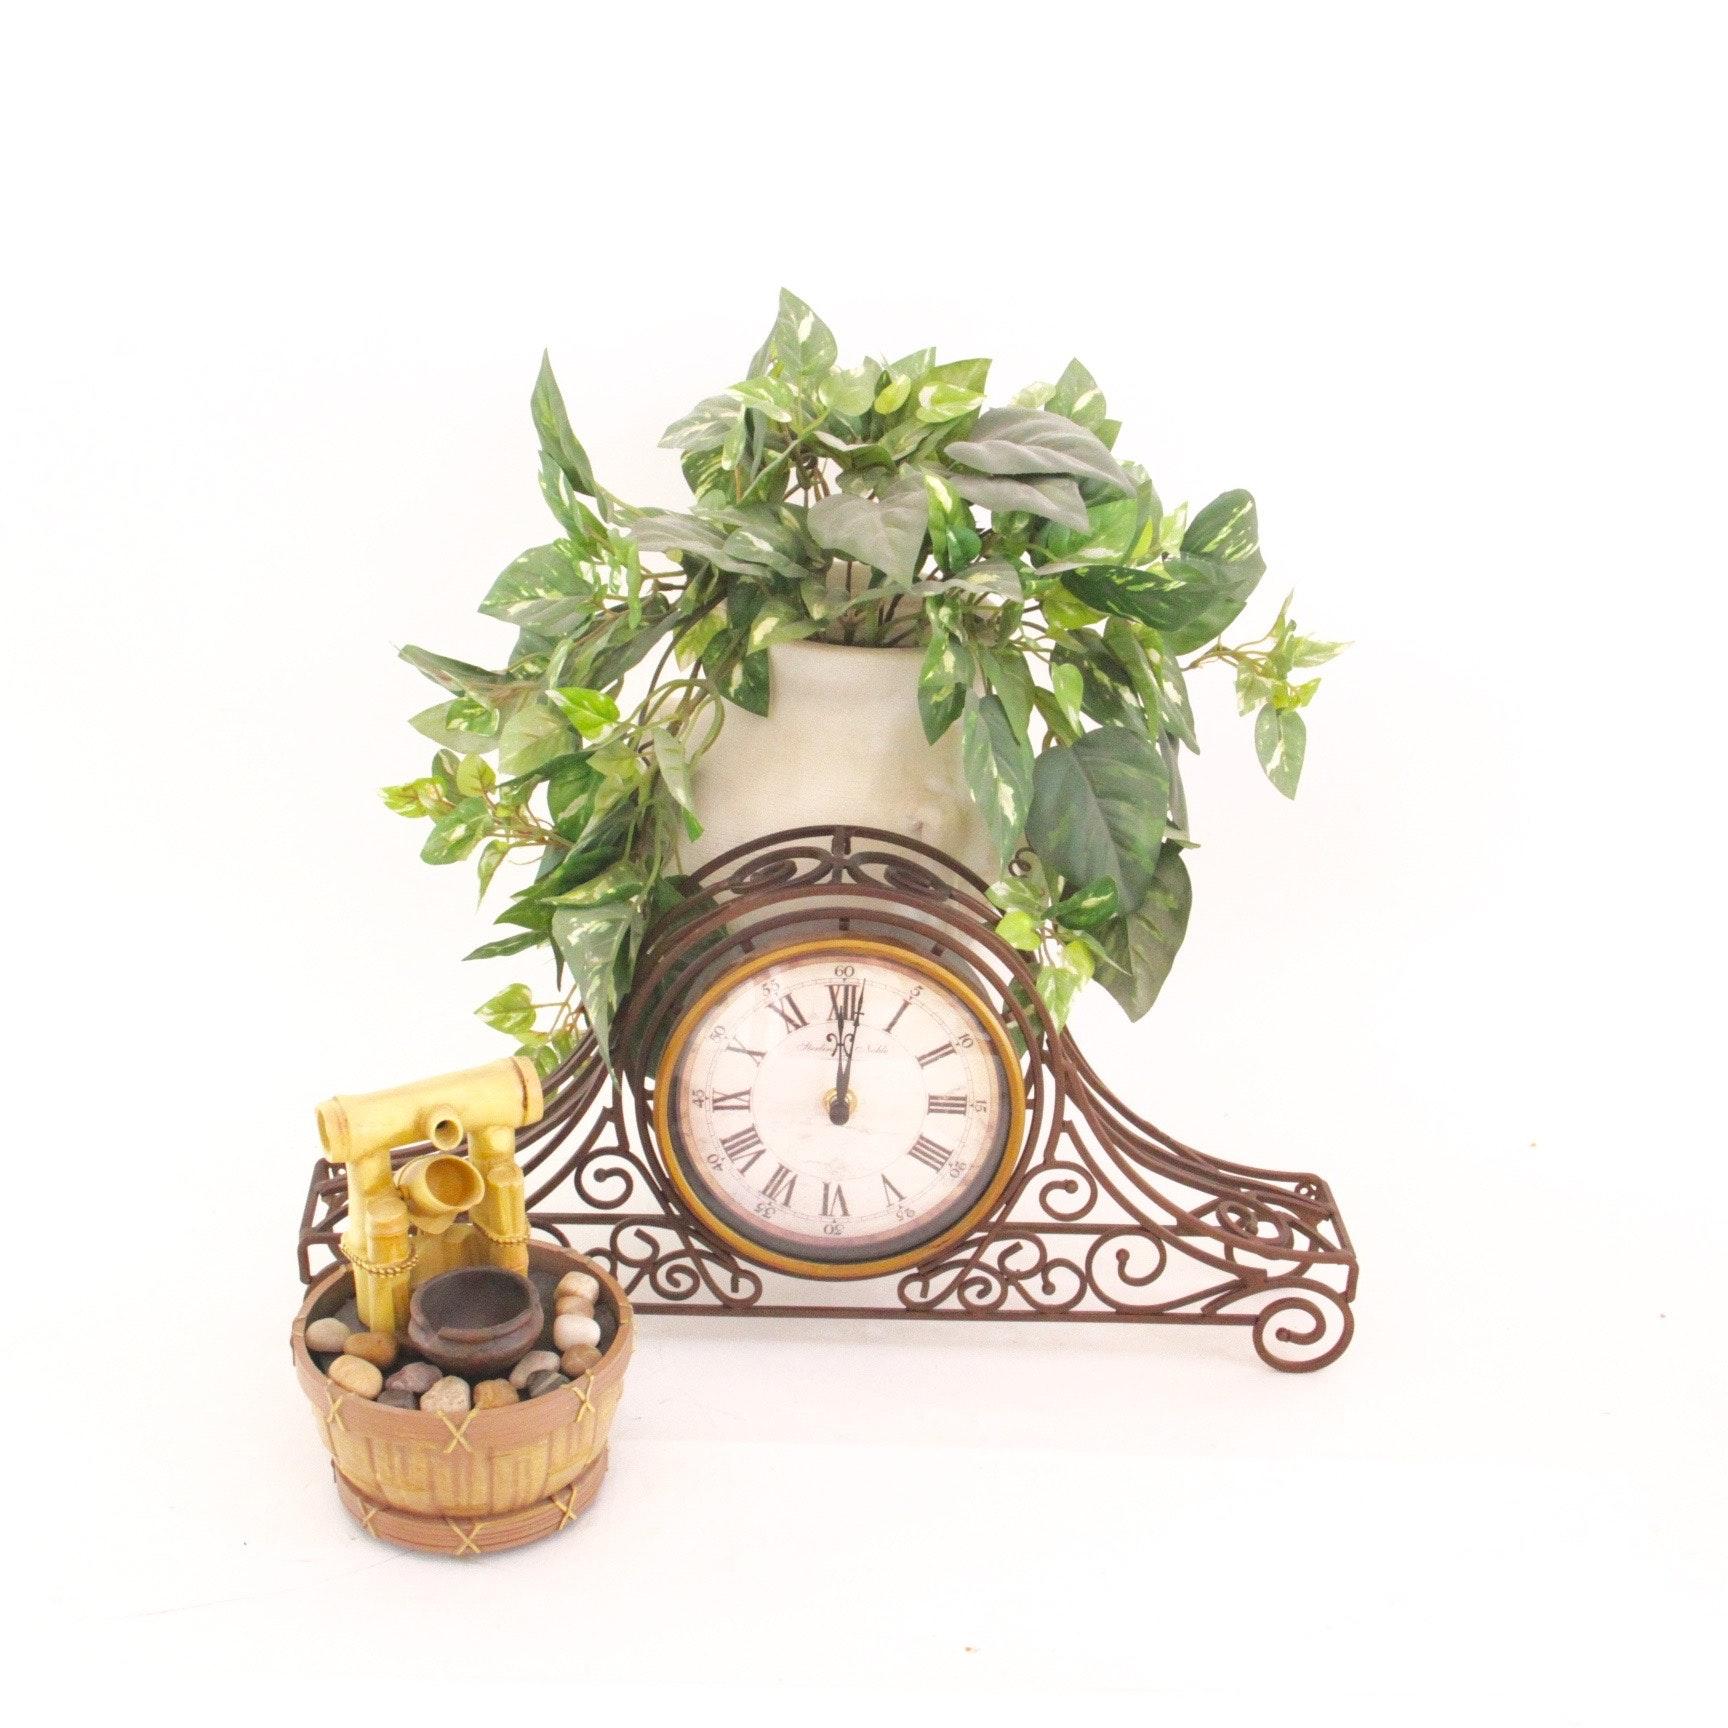 home d 233 cor mantel clock planter and ebth